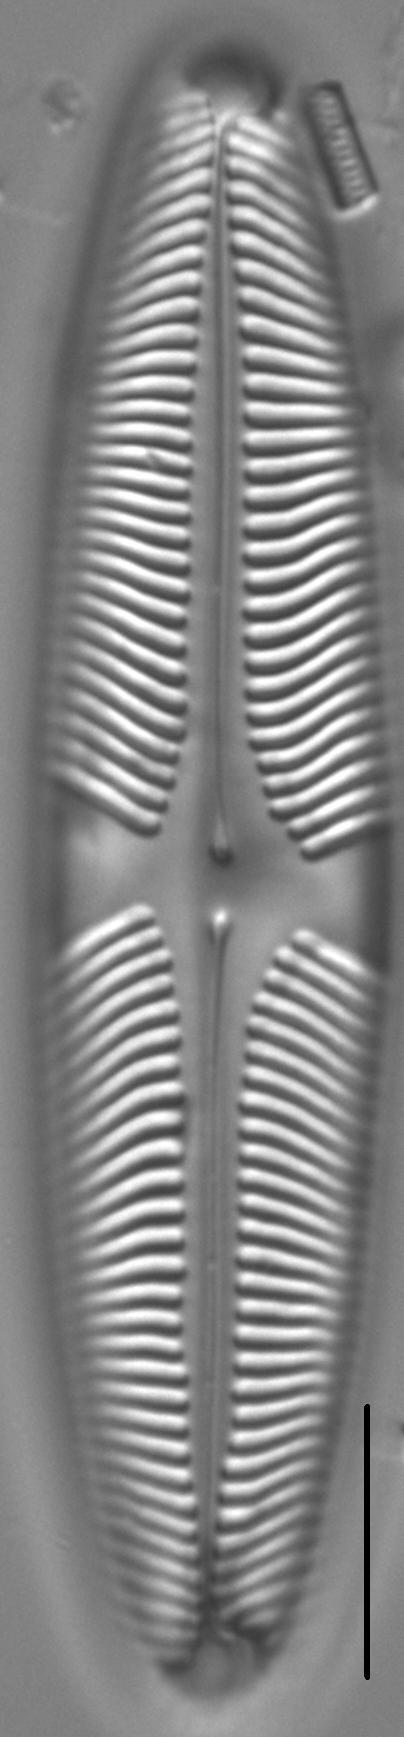 Pinnularia suchlandtii LM4